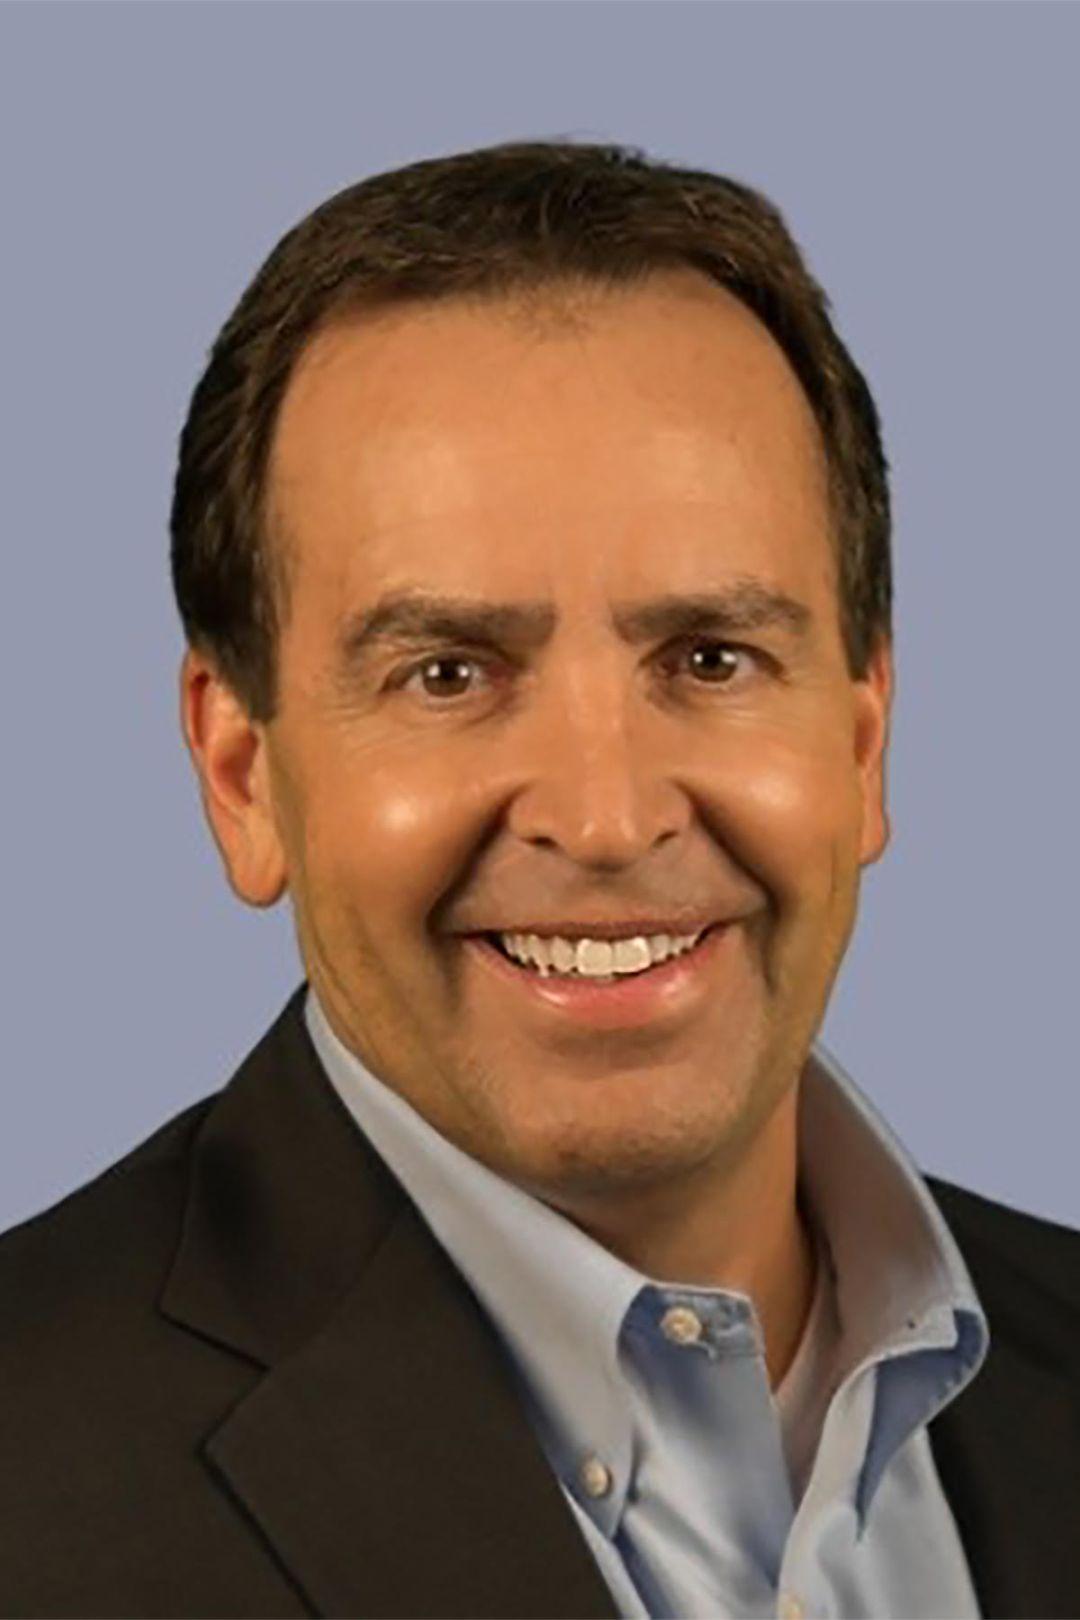 Bob Stolz